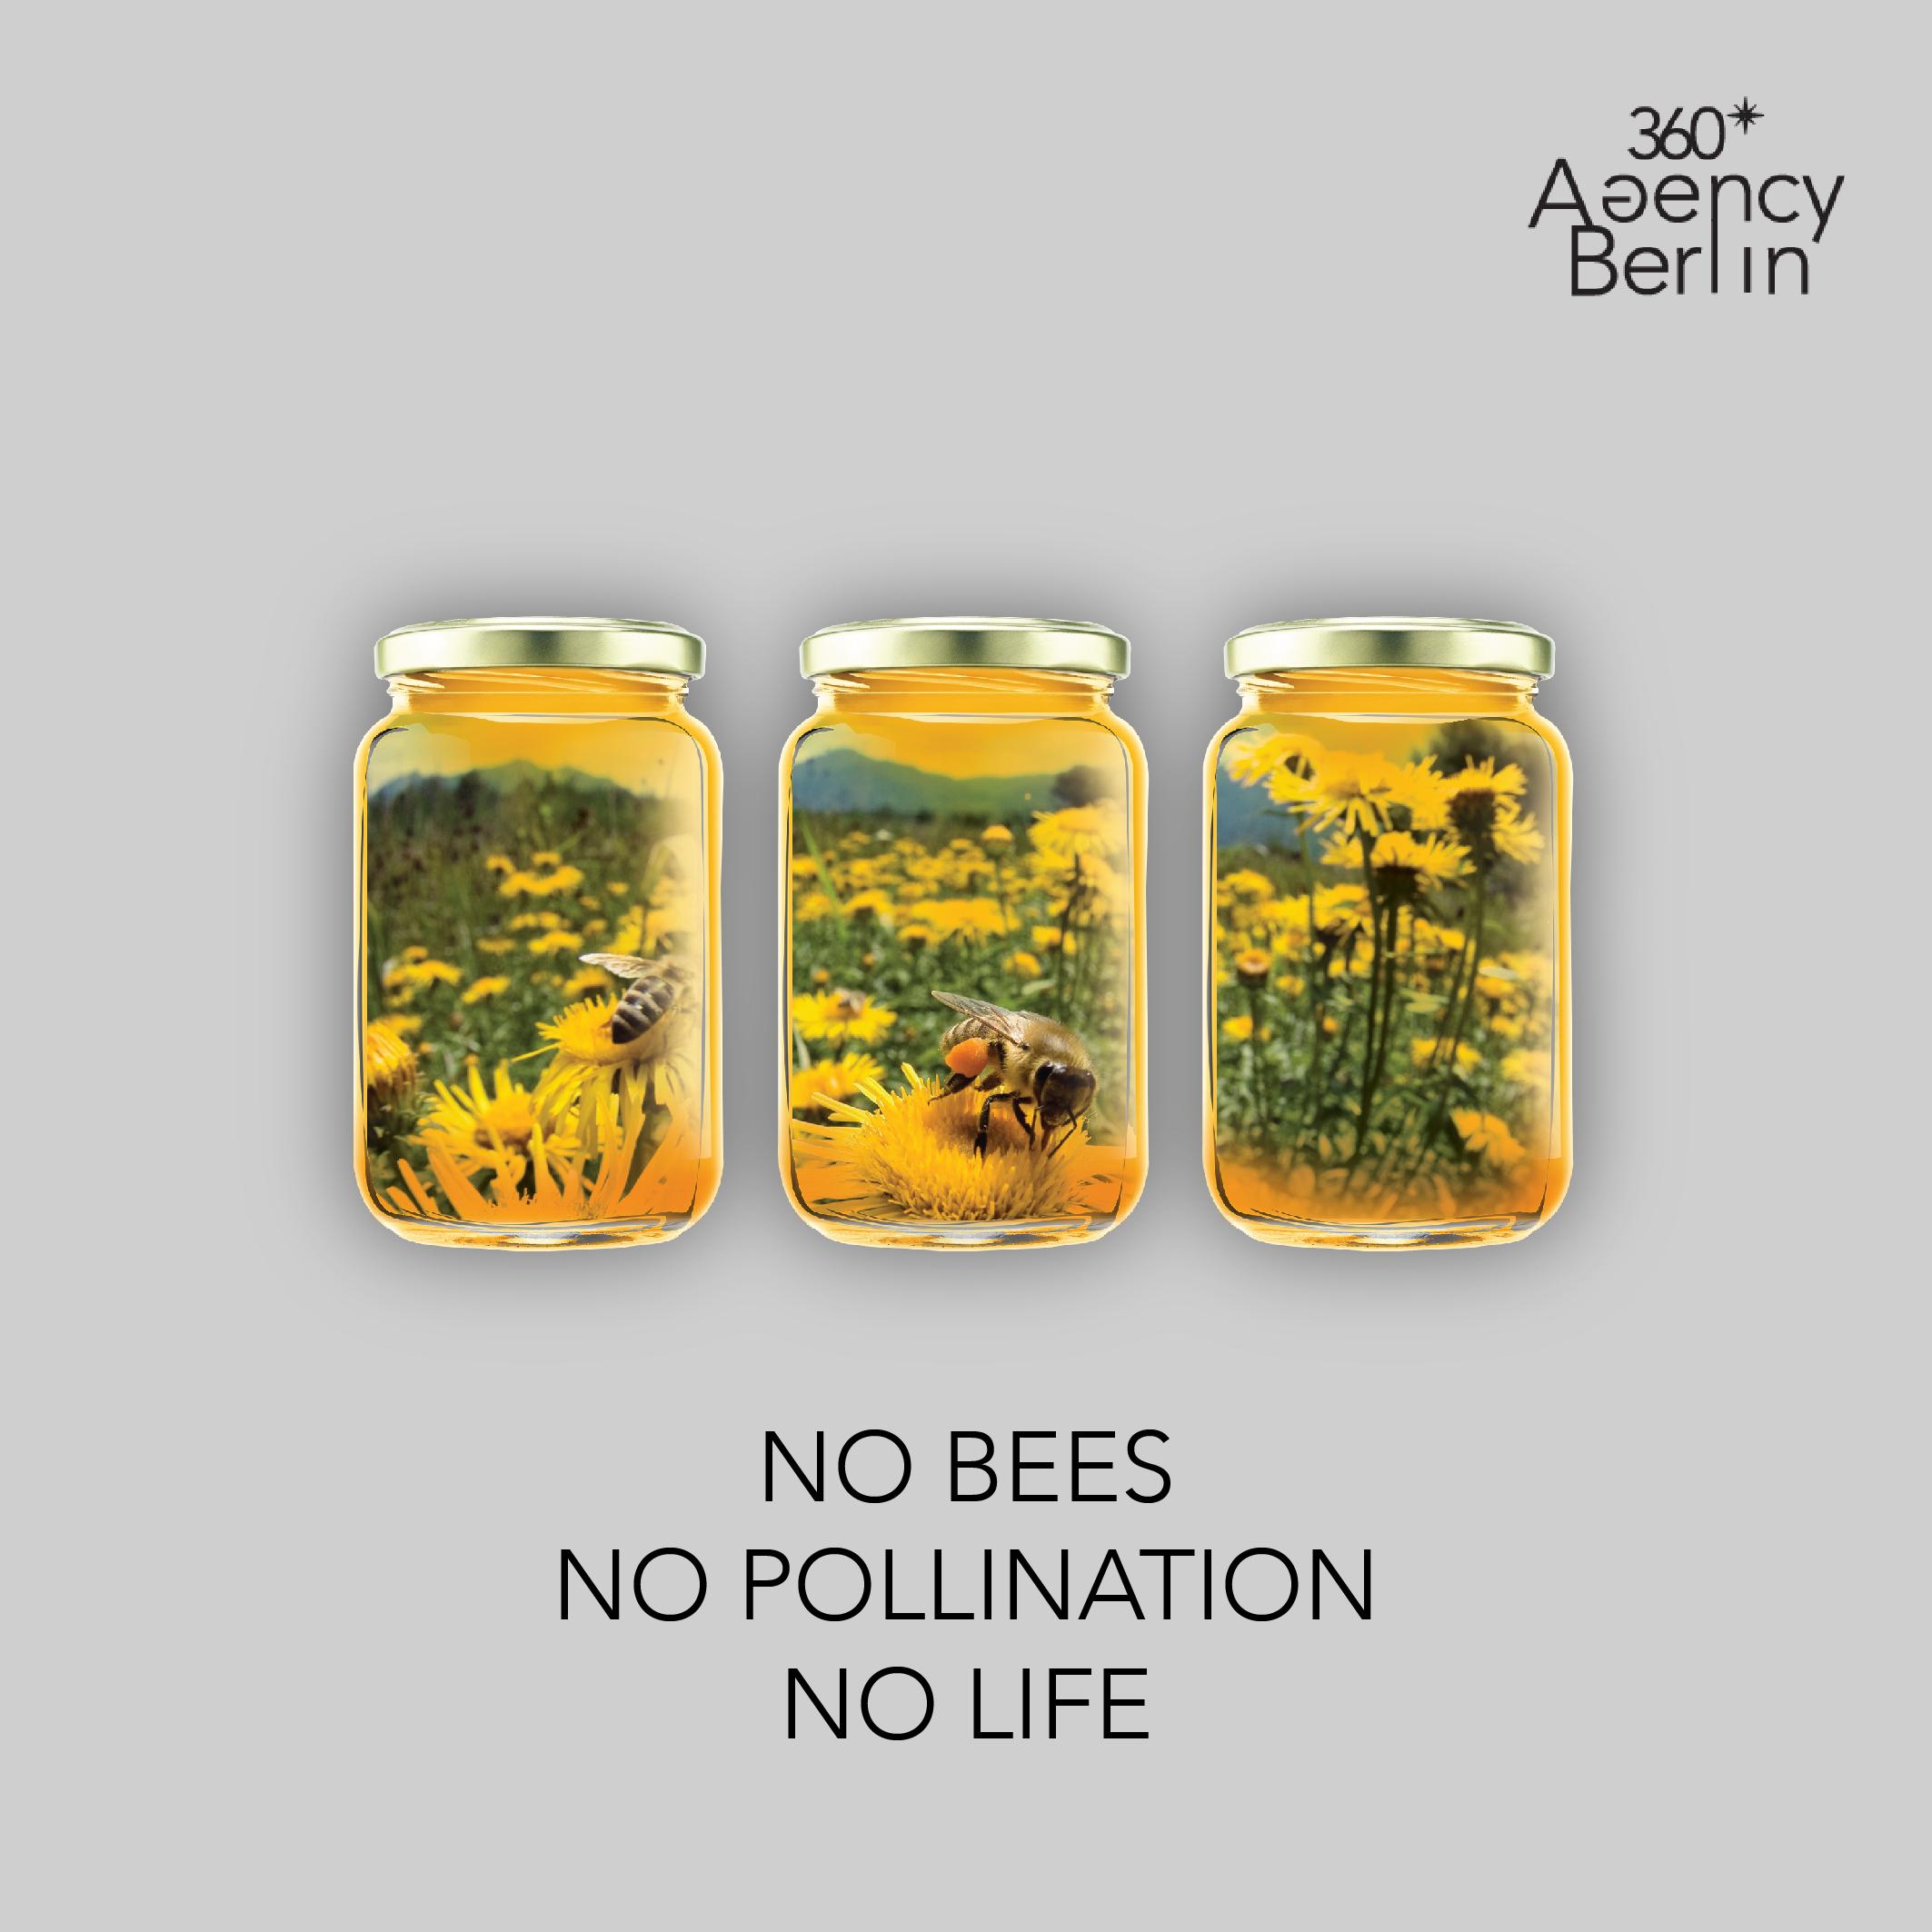 No bees No Pollination No Future 360 Agency Berlin